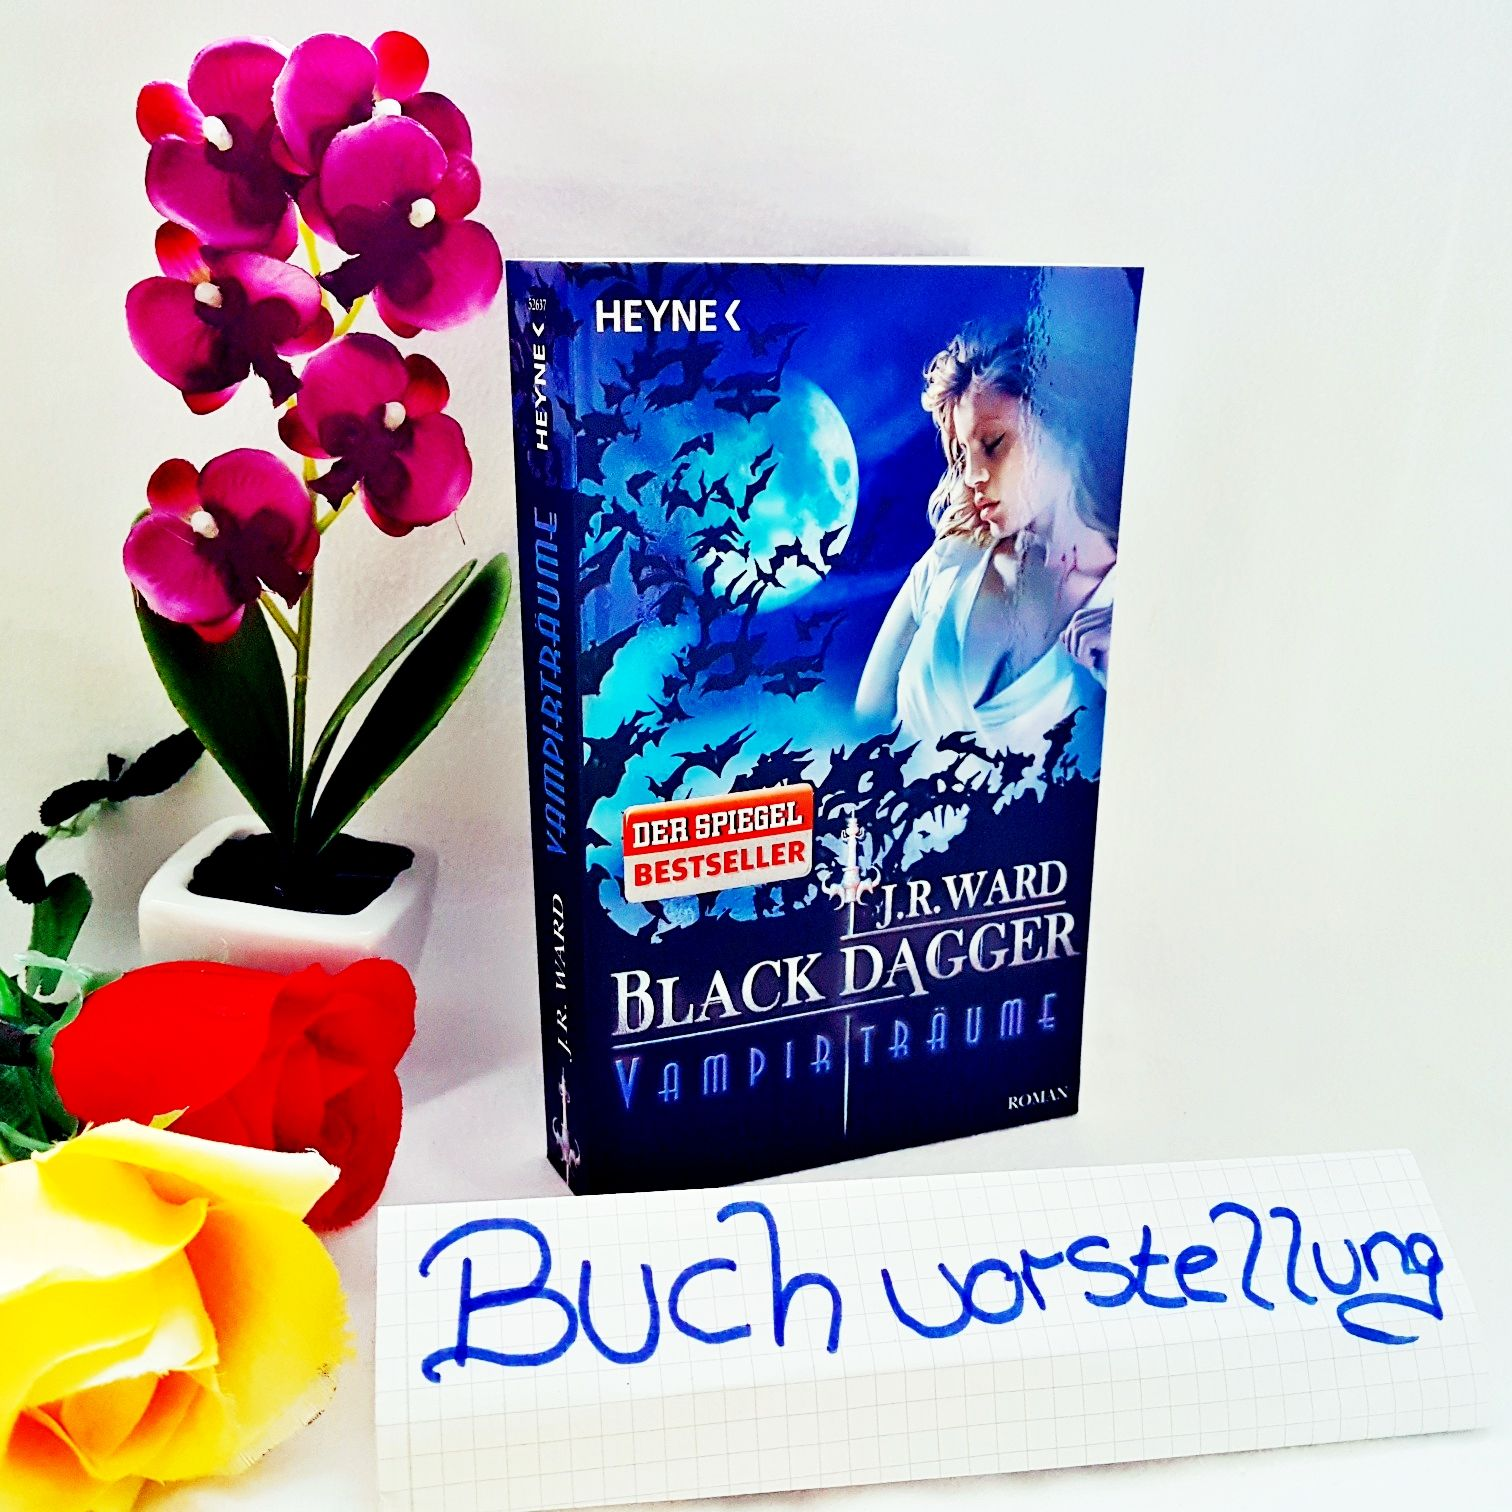 Black Dagger Vampirträume von J.R.Ward